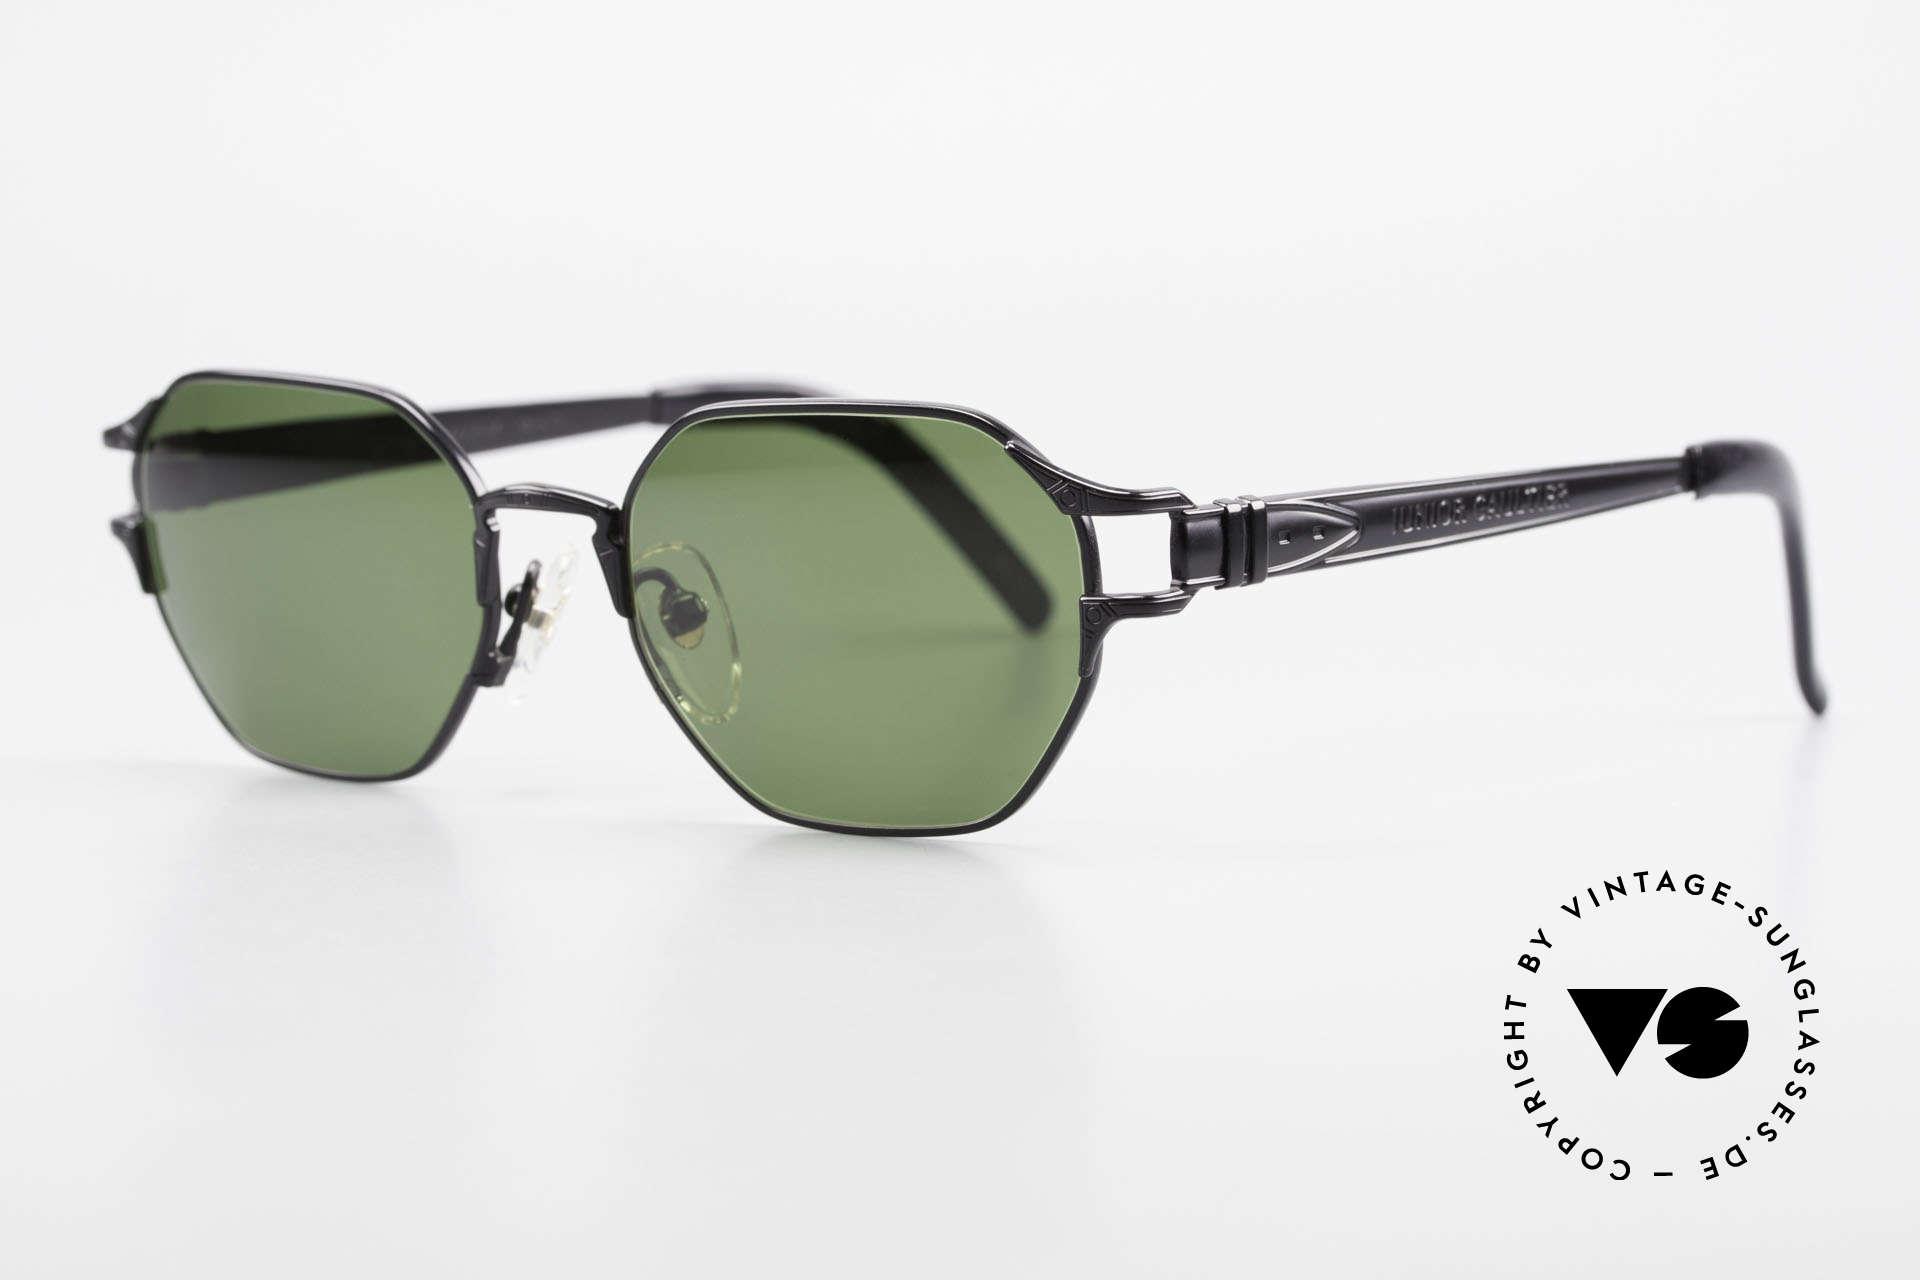 Jean Paul Gaultier 58-4173 Eckige JPG 90er Designerbrille, Top-Verarbeitung (made in Japan, um ca. 1995), Passend für Herren und Damen